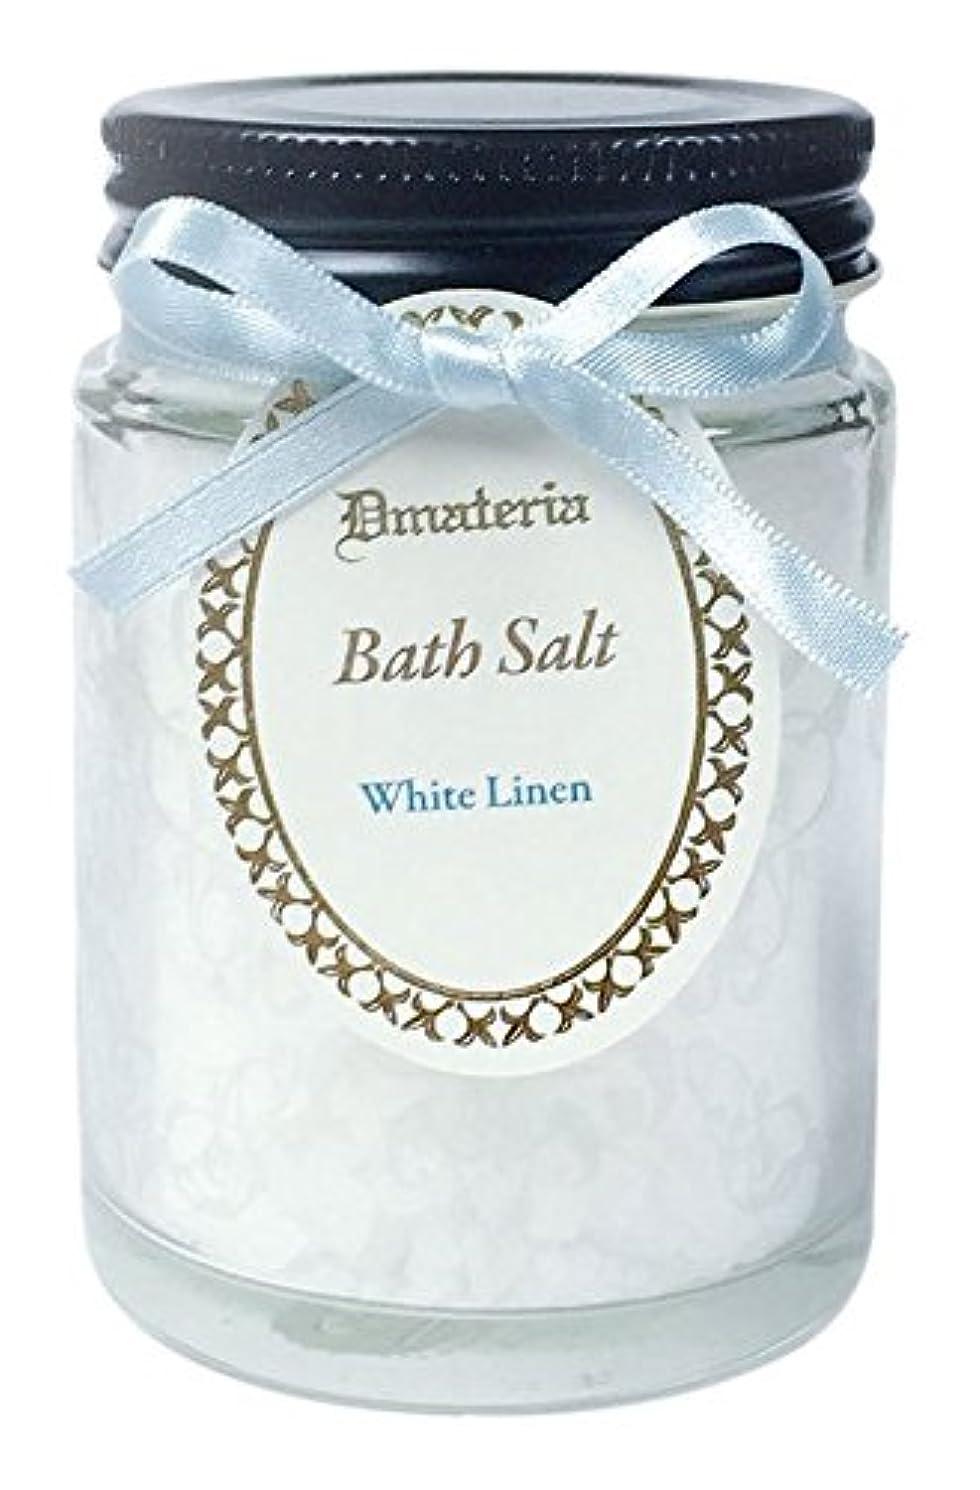 カーテン乱気流覚醒D materia バスソルト ホワイトリネン White Linen Bath Salt ディーマテリア